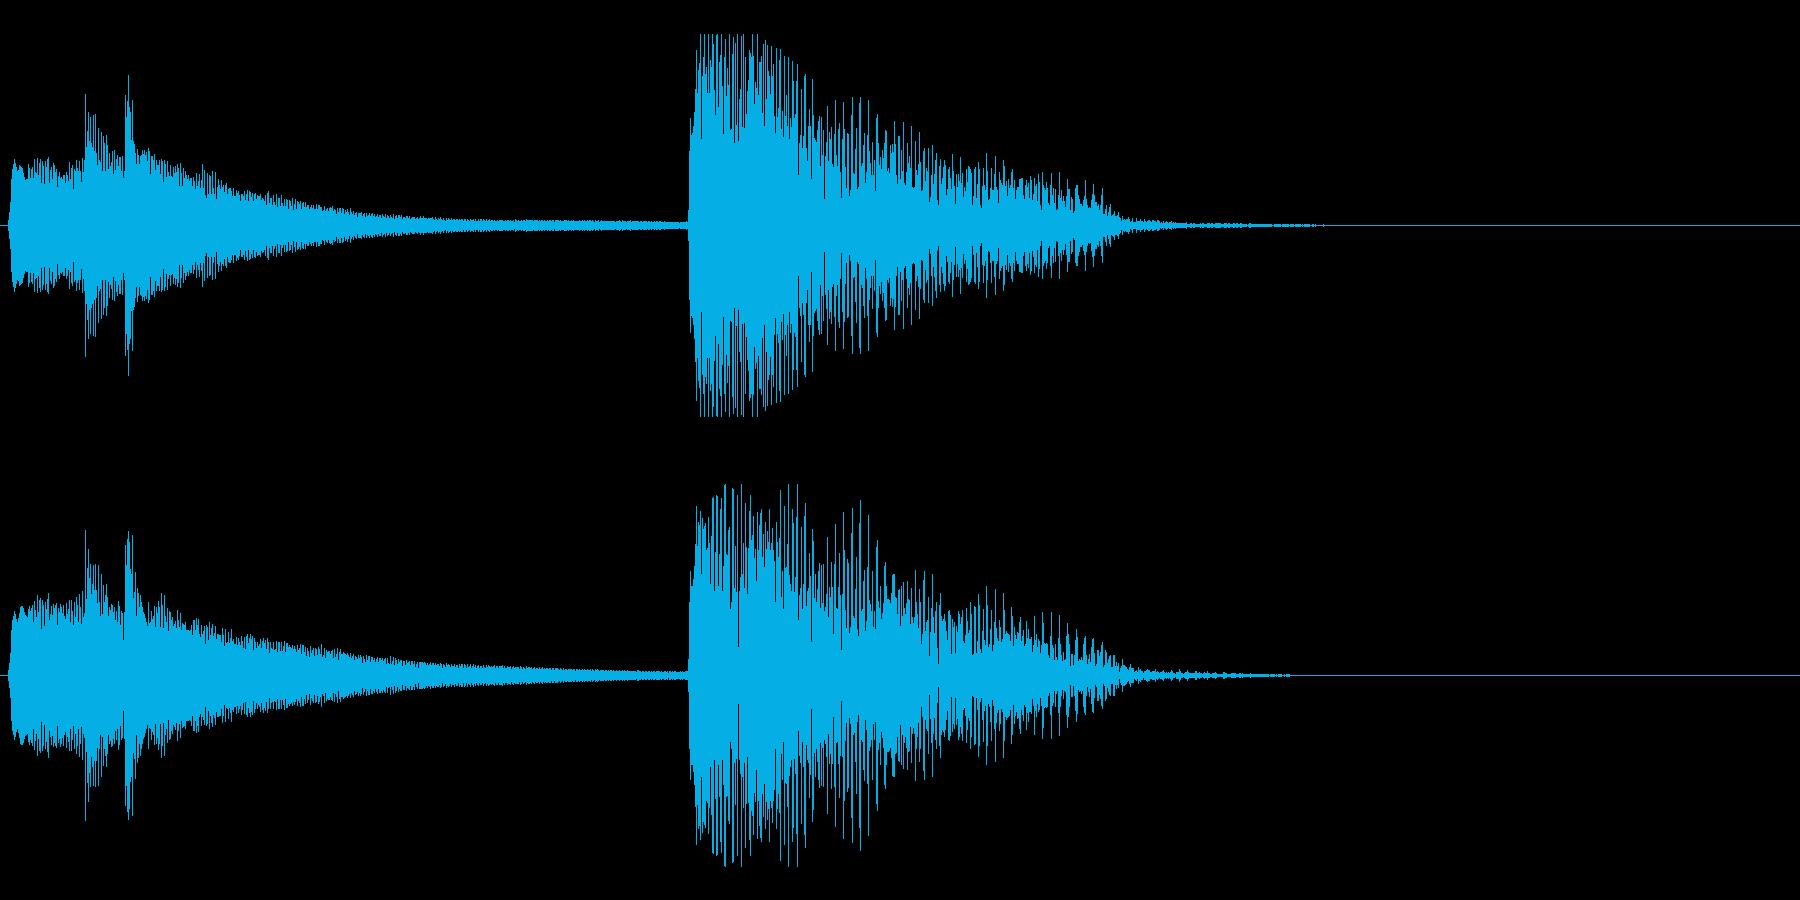 ハープによるアイキャッチの再生済みの波形